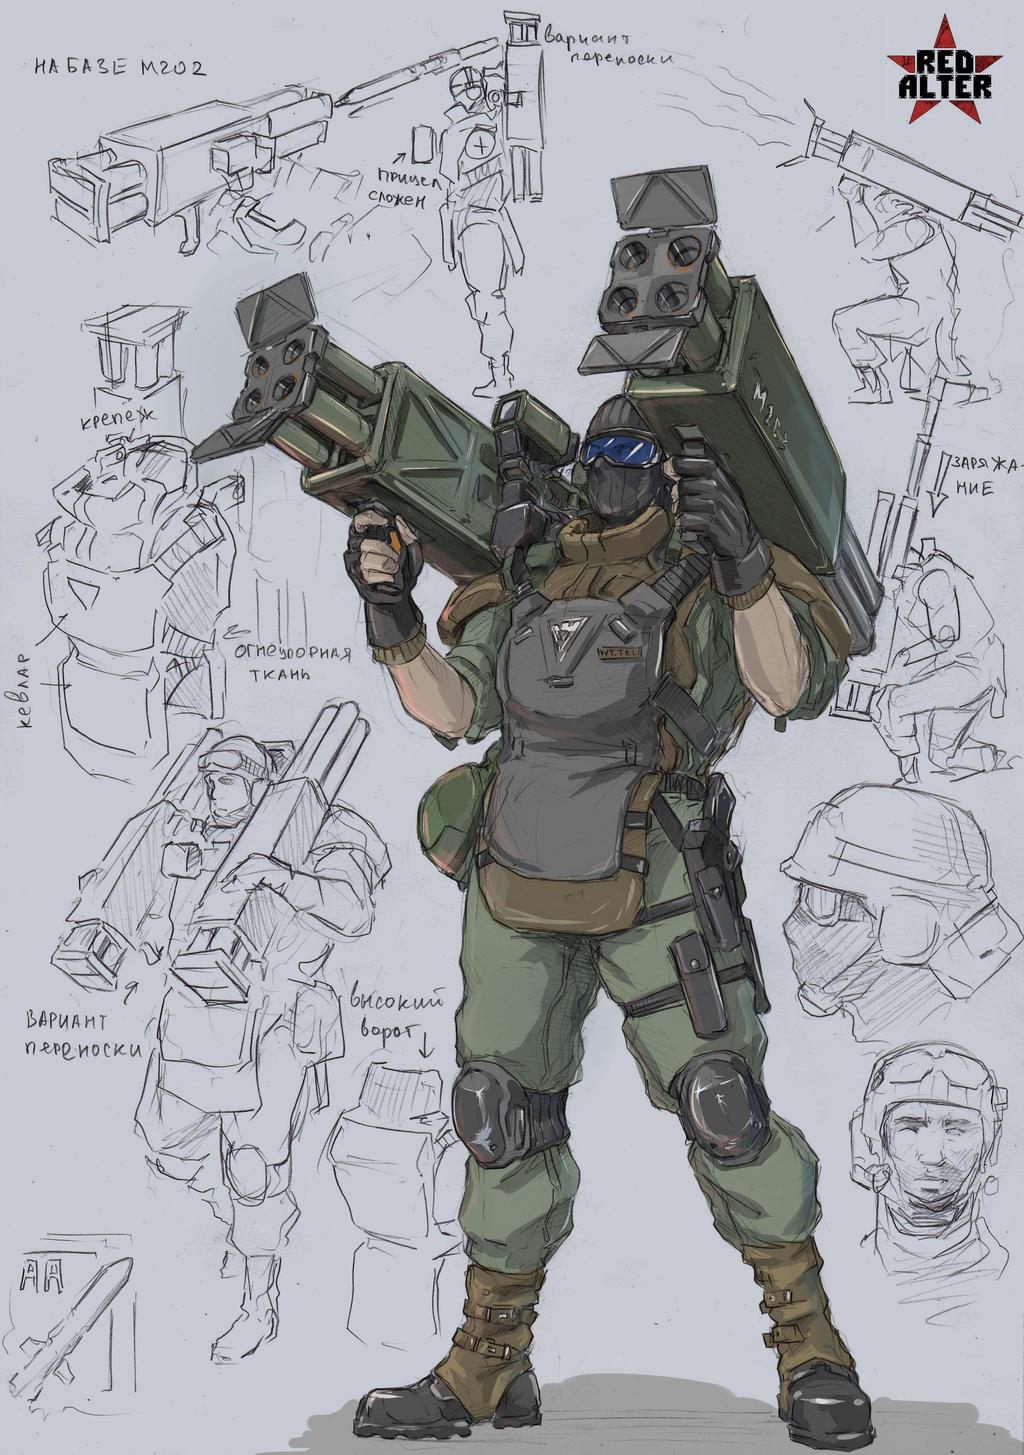 Rocket defender by TugoDoomER